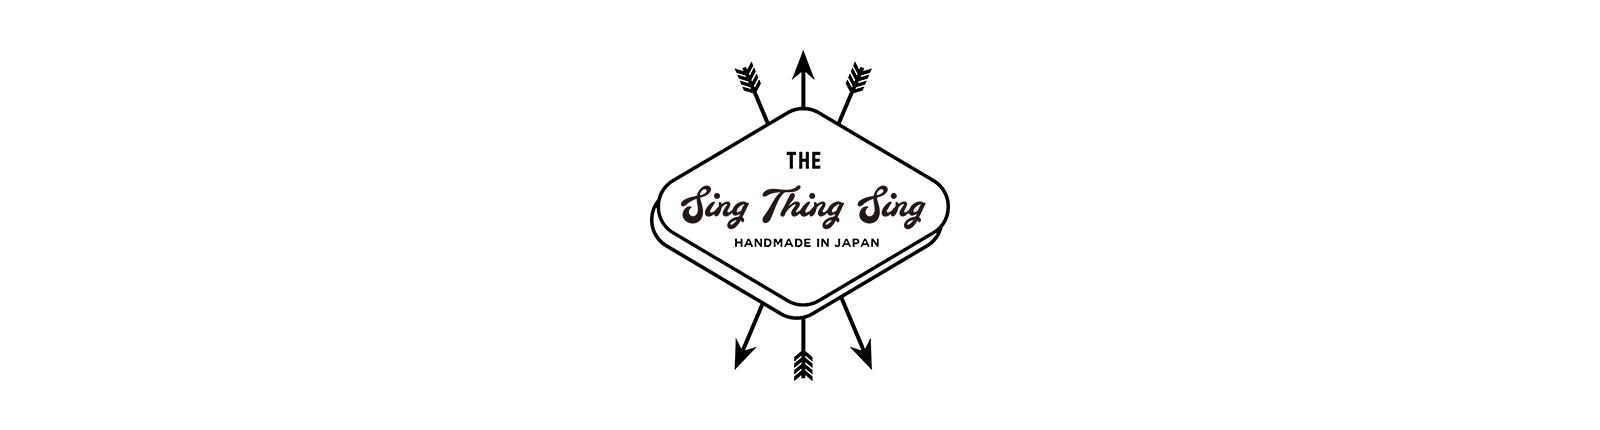 オリジナルクッションを作るなら | singthingsing(シングシングシング)